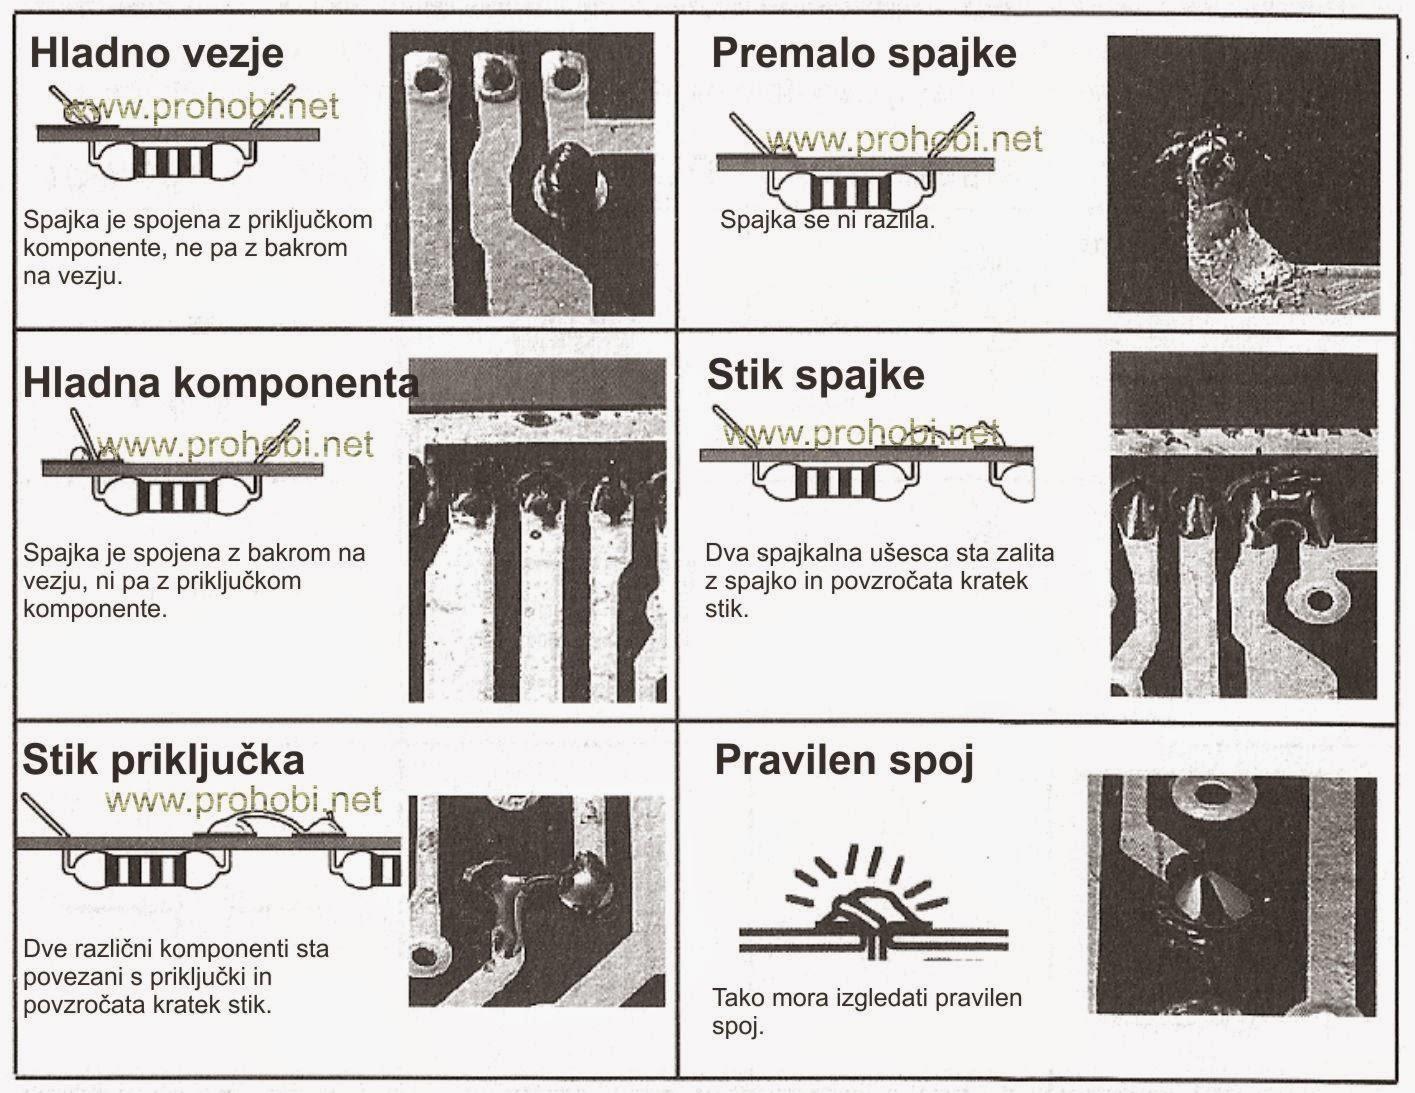 spajk_napake.jpg